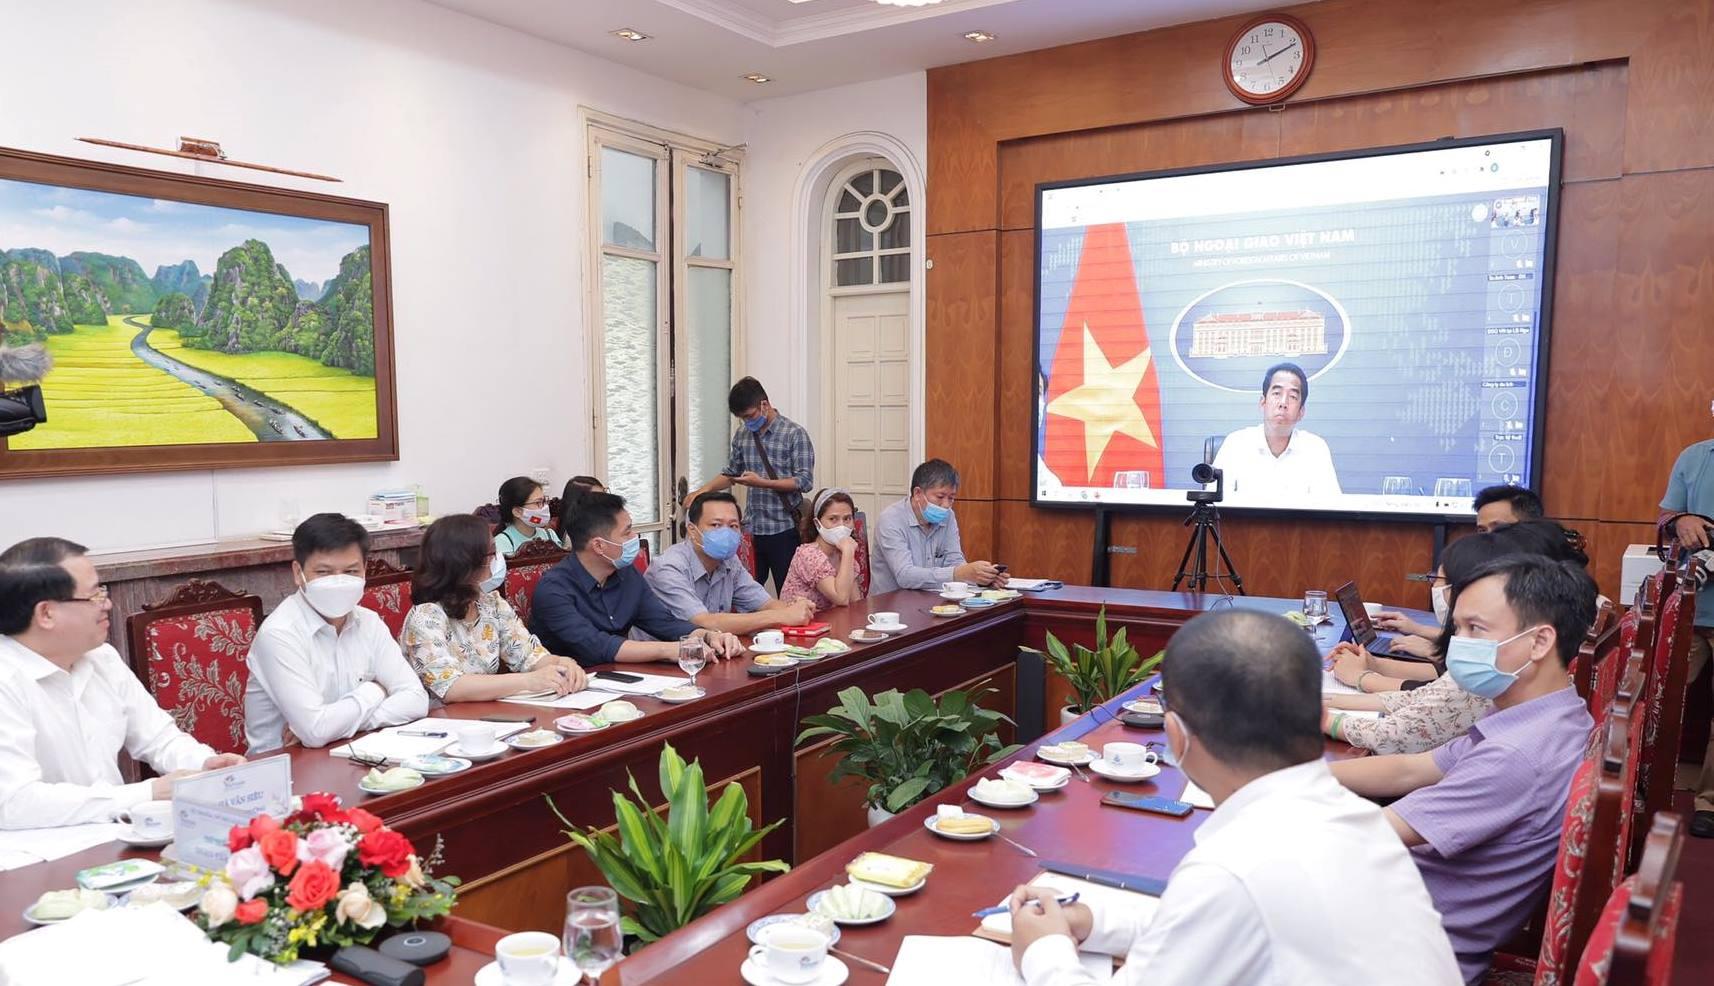 Bộ VHTTDL phối hợp với Bộ Ngoại giao 'mở cửa lại du lịch quốc tế'